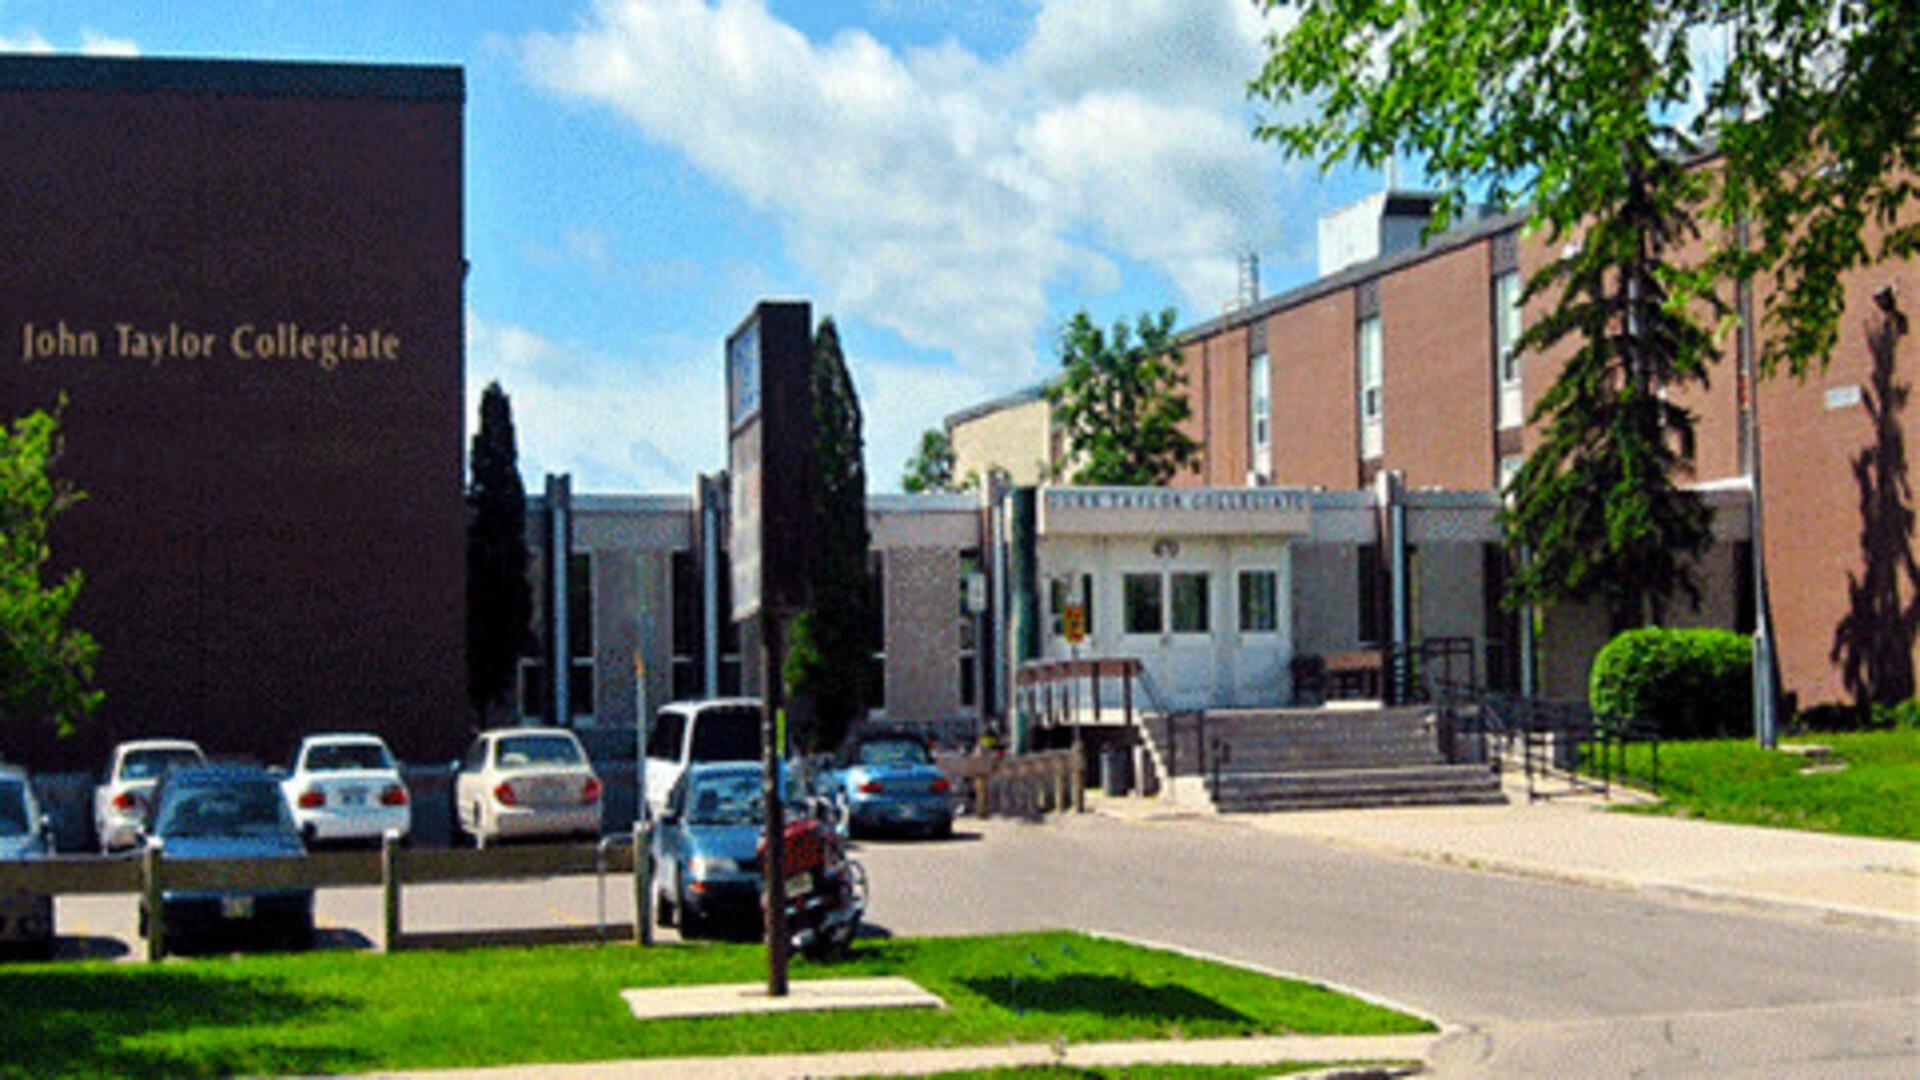 Schüleraustausch Kanada Schuldistrikte St James Assiniboia ODI